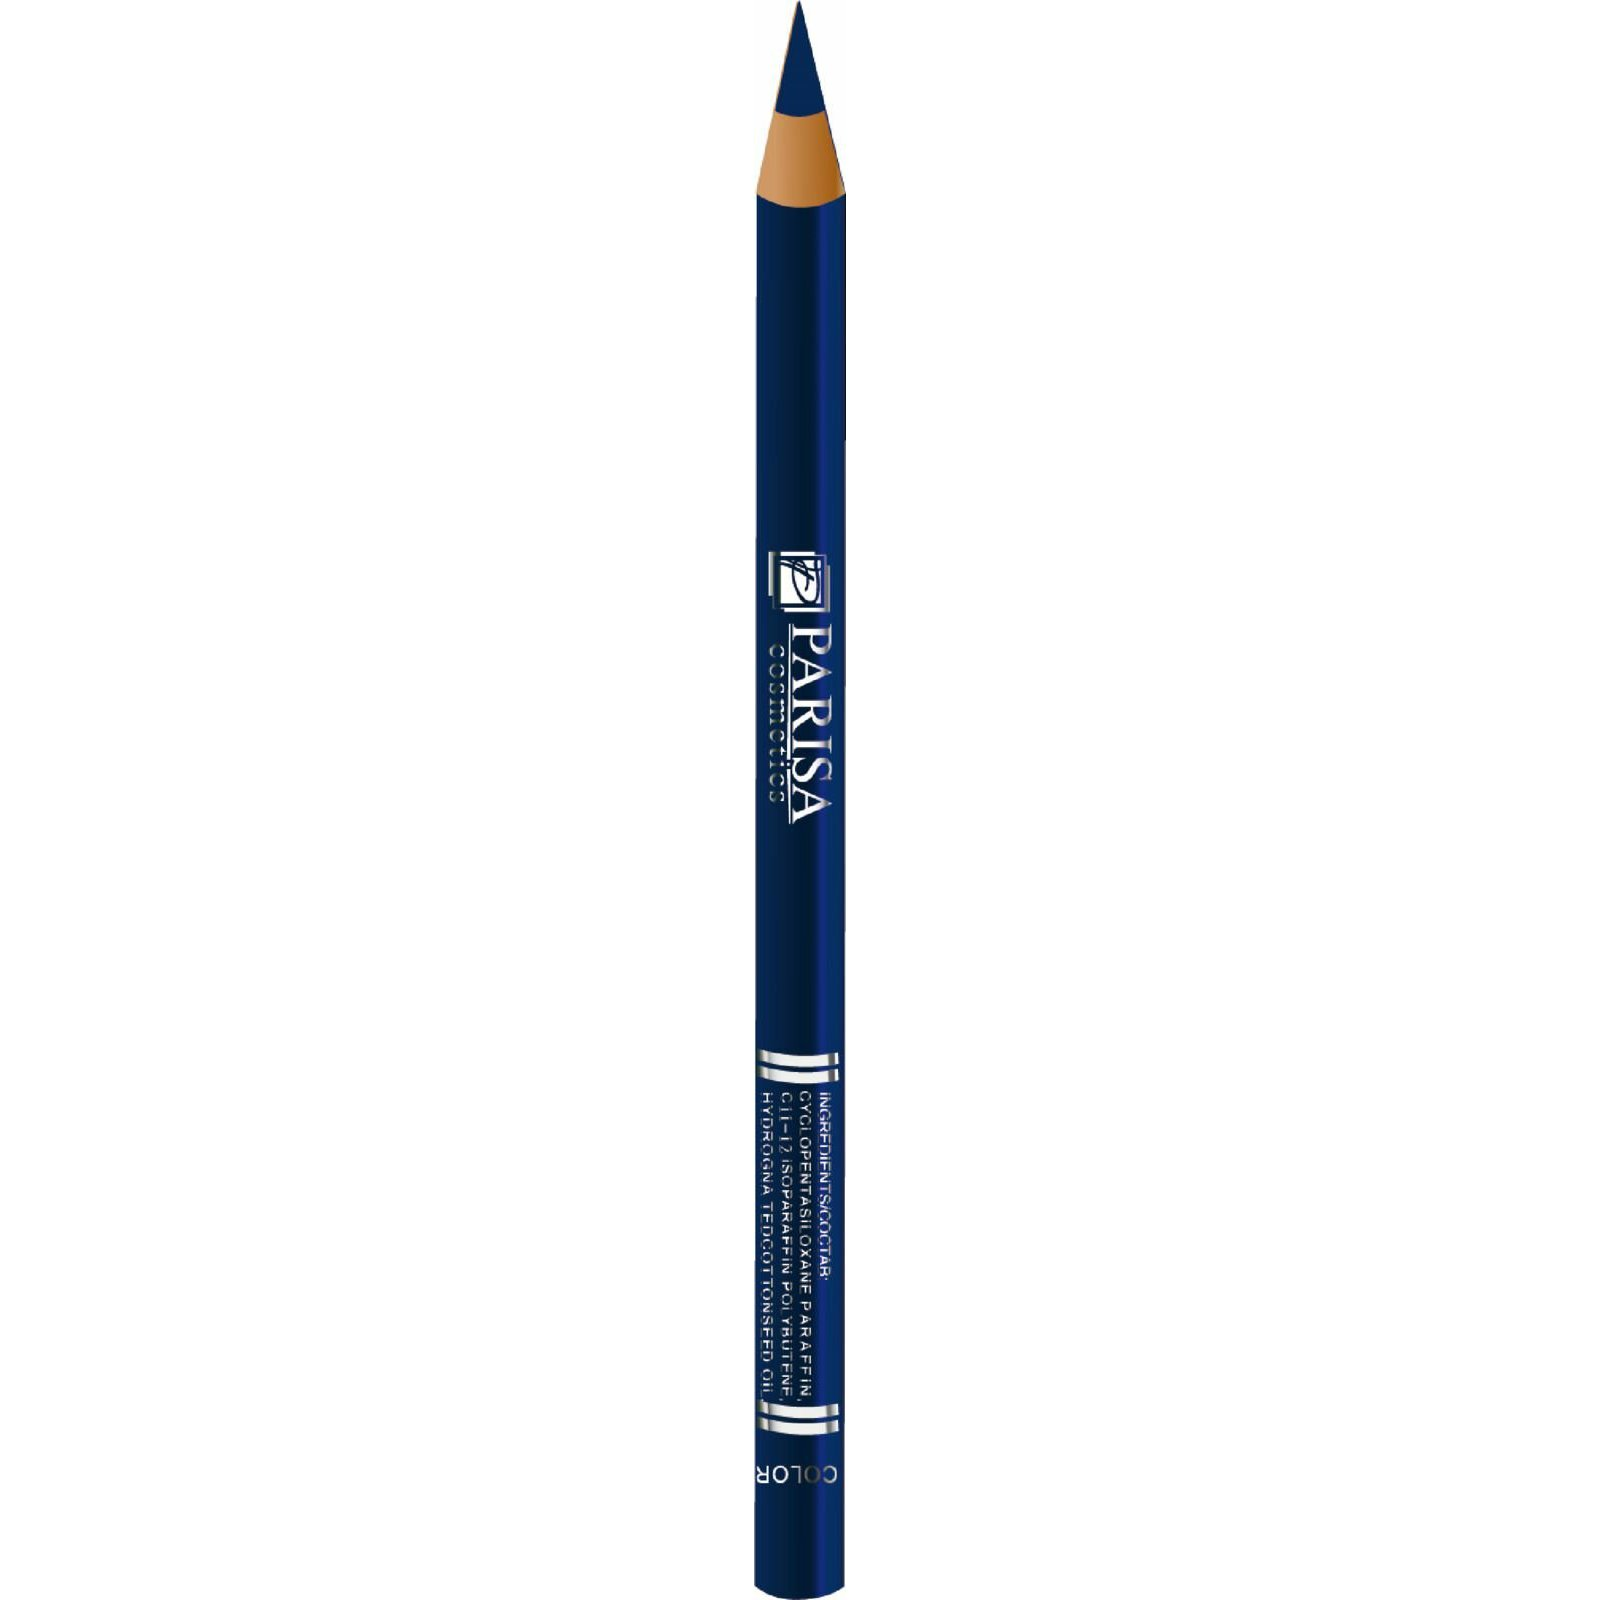 Где купить карандаш косметика косметика ischia купить в москве